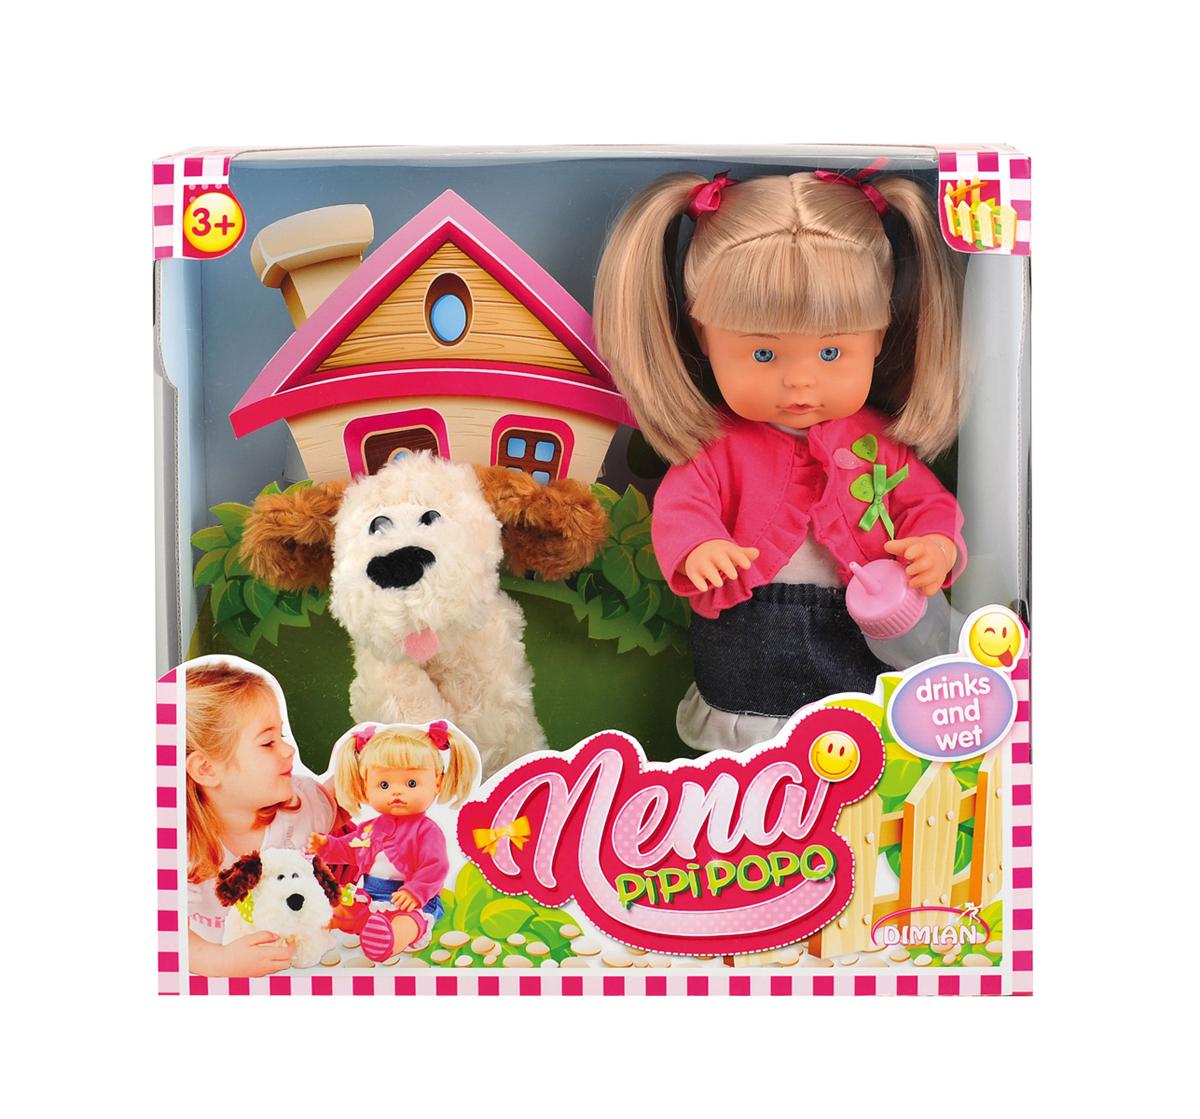 Dimian Игровой набор с куклой Nena BambolinaBD385Кукла Нэна 36 см, в наборе с питомцем. Без эффектов. В наборе: - кукла, полностью изготовлена из ПВХ, поэтому ее можно купать, бутылочка. У куклы подвижные глаза, и конечности. Роскошные прочные волосы. Кукла пьет и писает. Наполните бутылочку водой, и попоите куклу через отверстие во рту, кукла сразу же начнет писать.